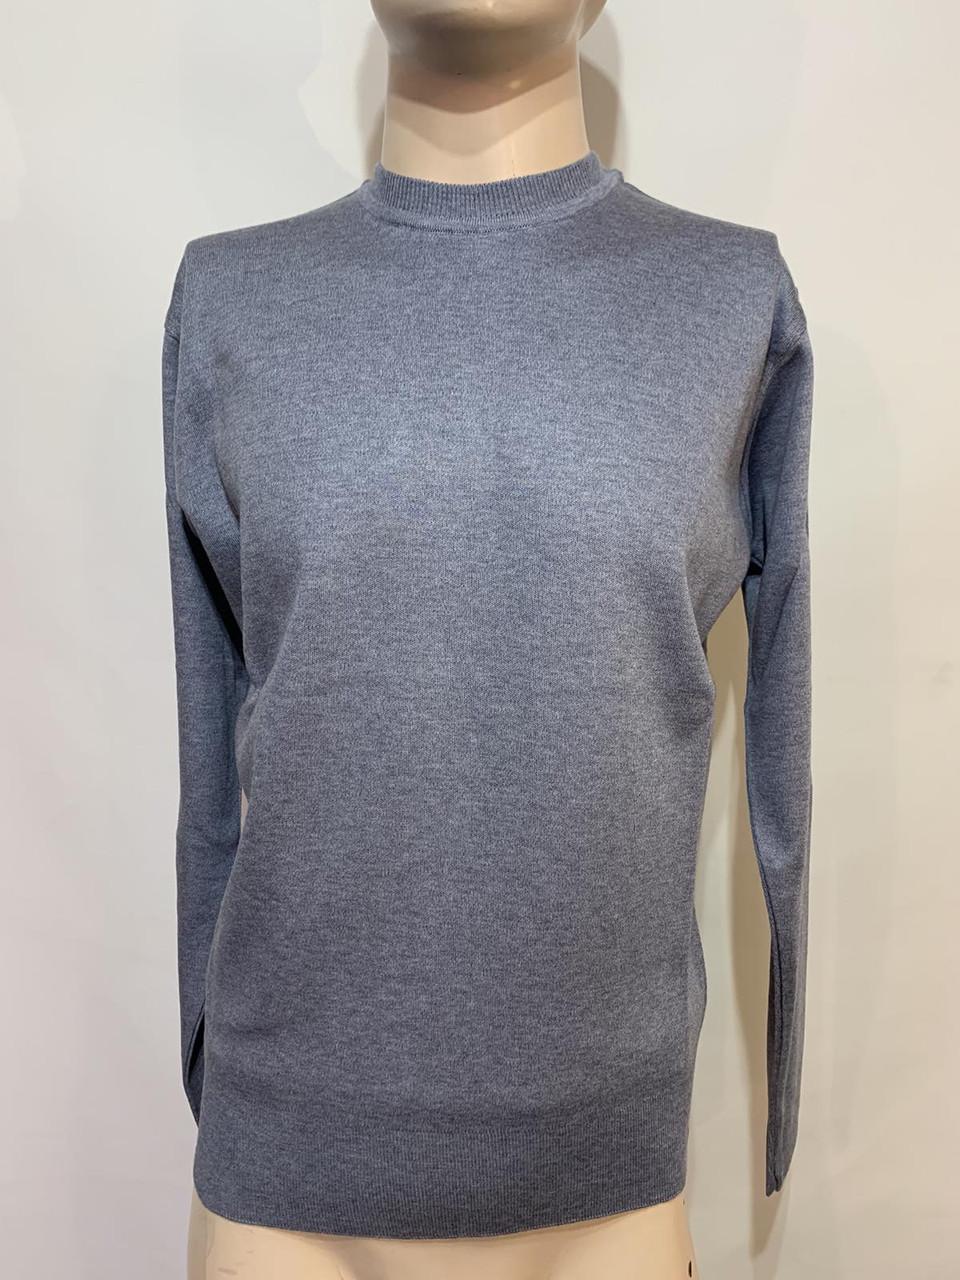 Чоловічий джемпер, чоловічий светр, пуловер Туреччина джинсовий